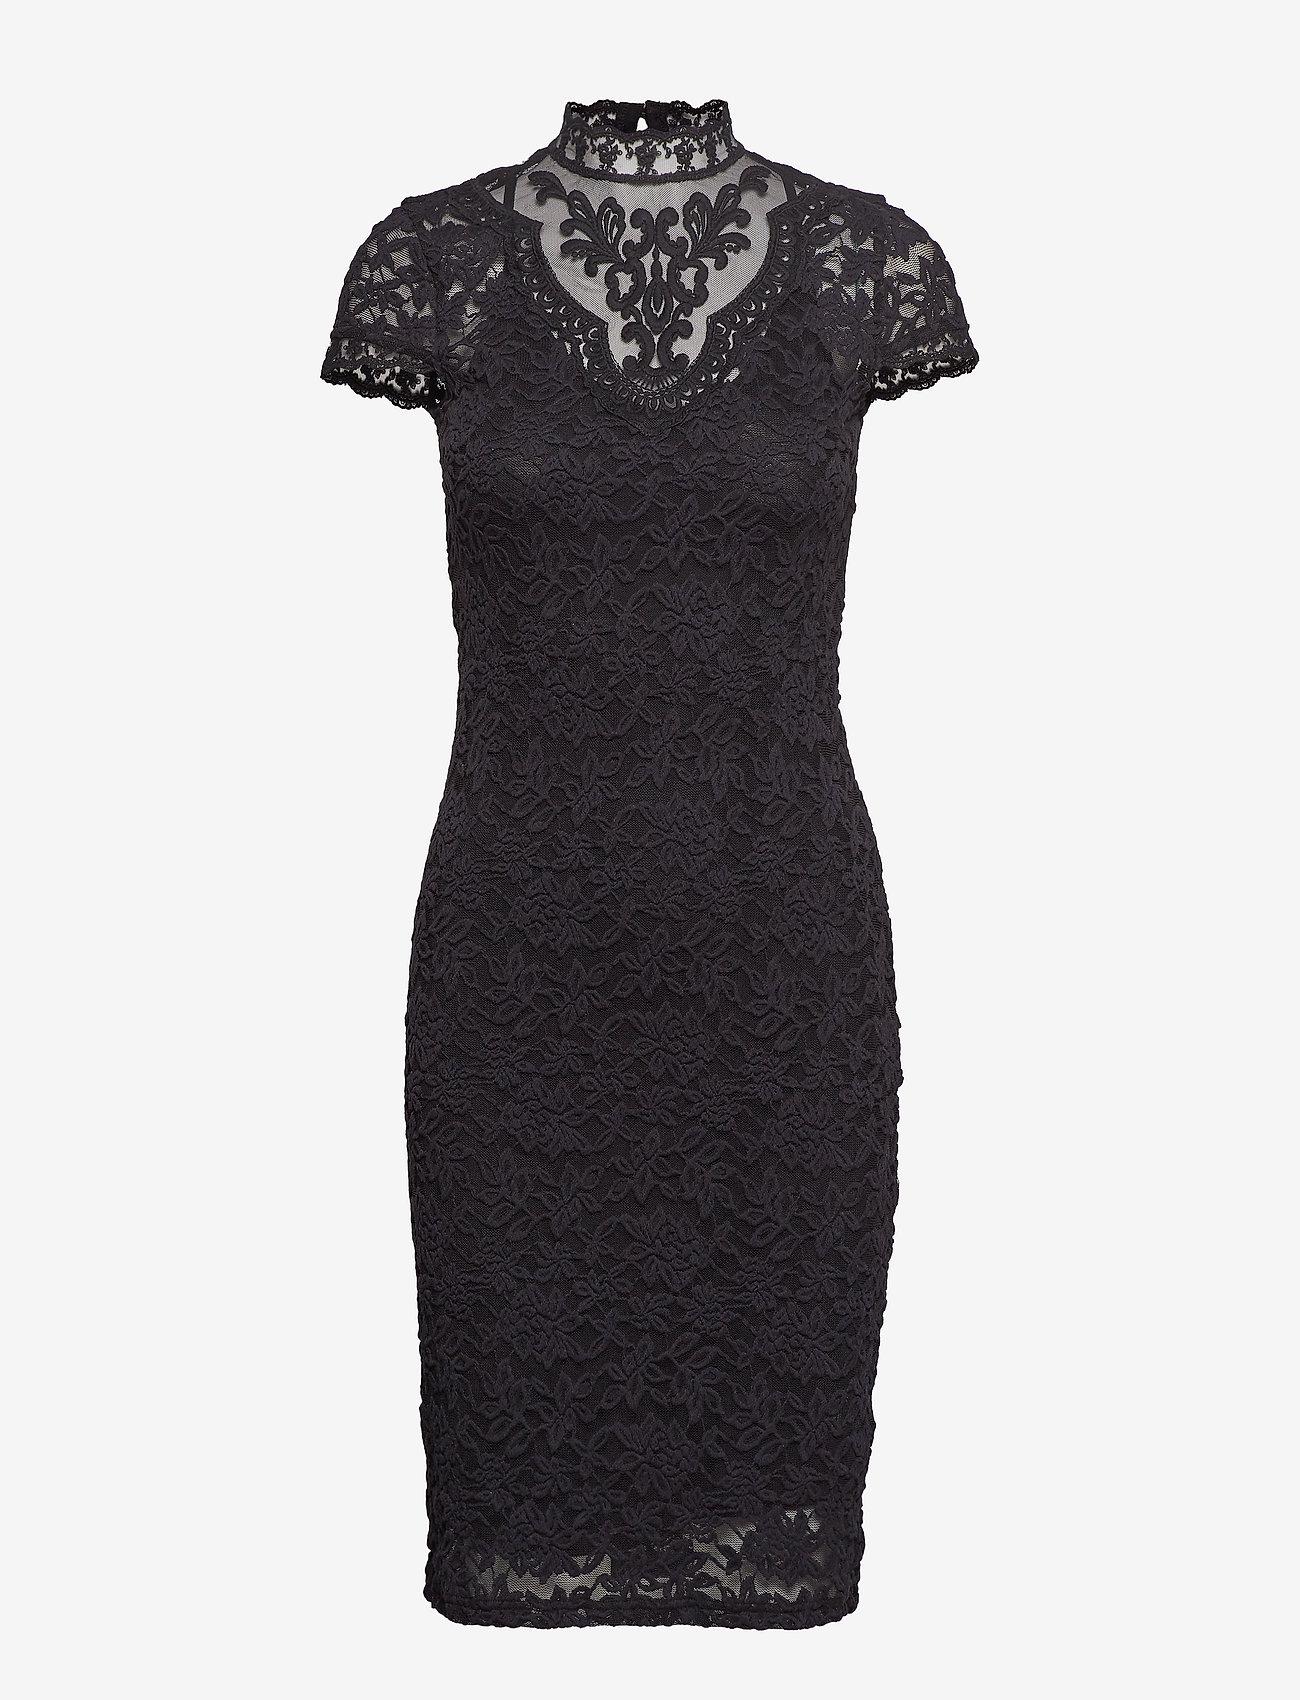 Dress Ss (Black) - Rosemunde eMBNEK